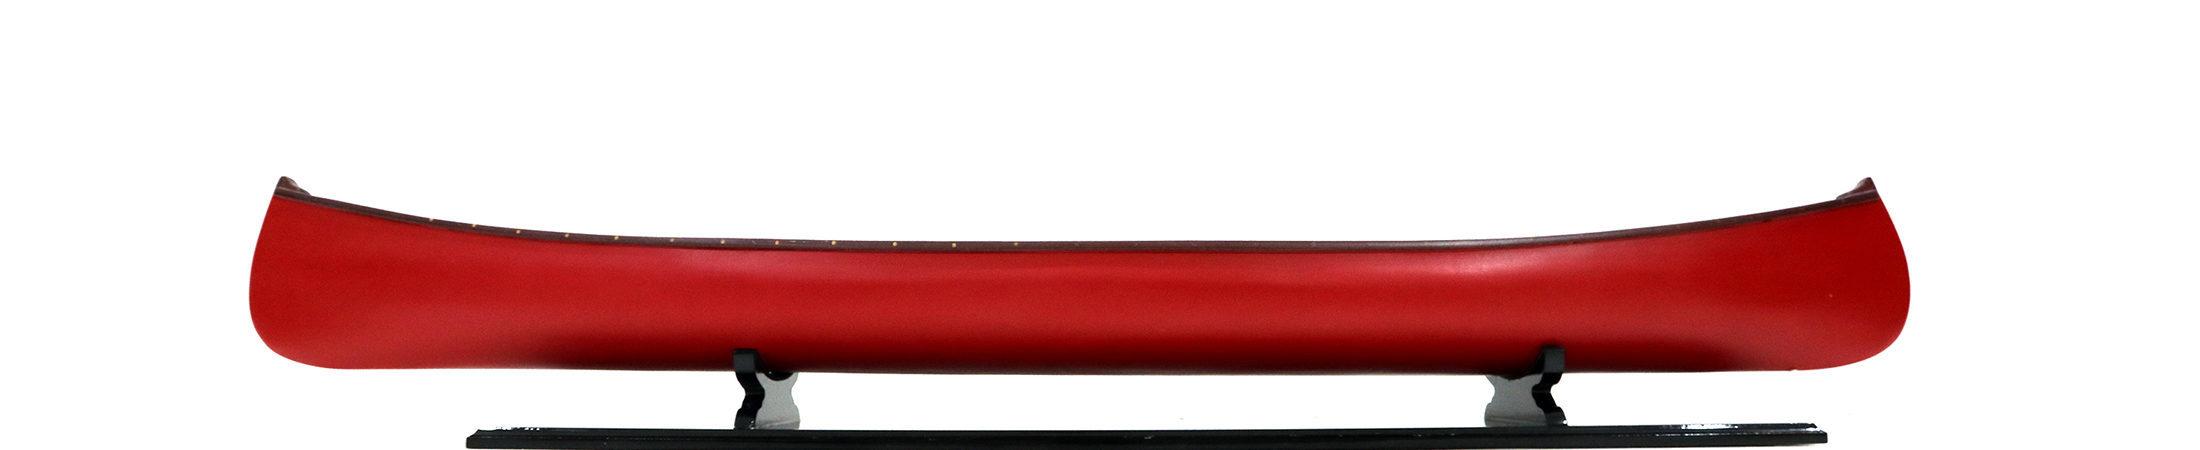 Modell eines Gerippten Kanus rote Farbe 105cm länge handgefertigt aus Holz